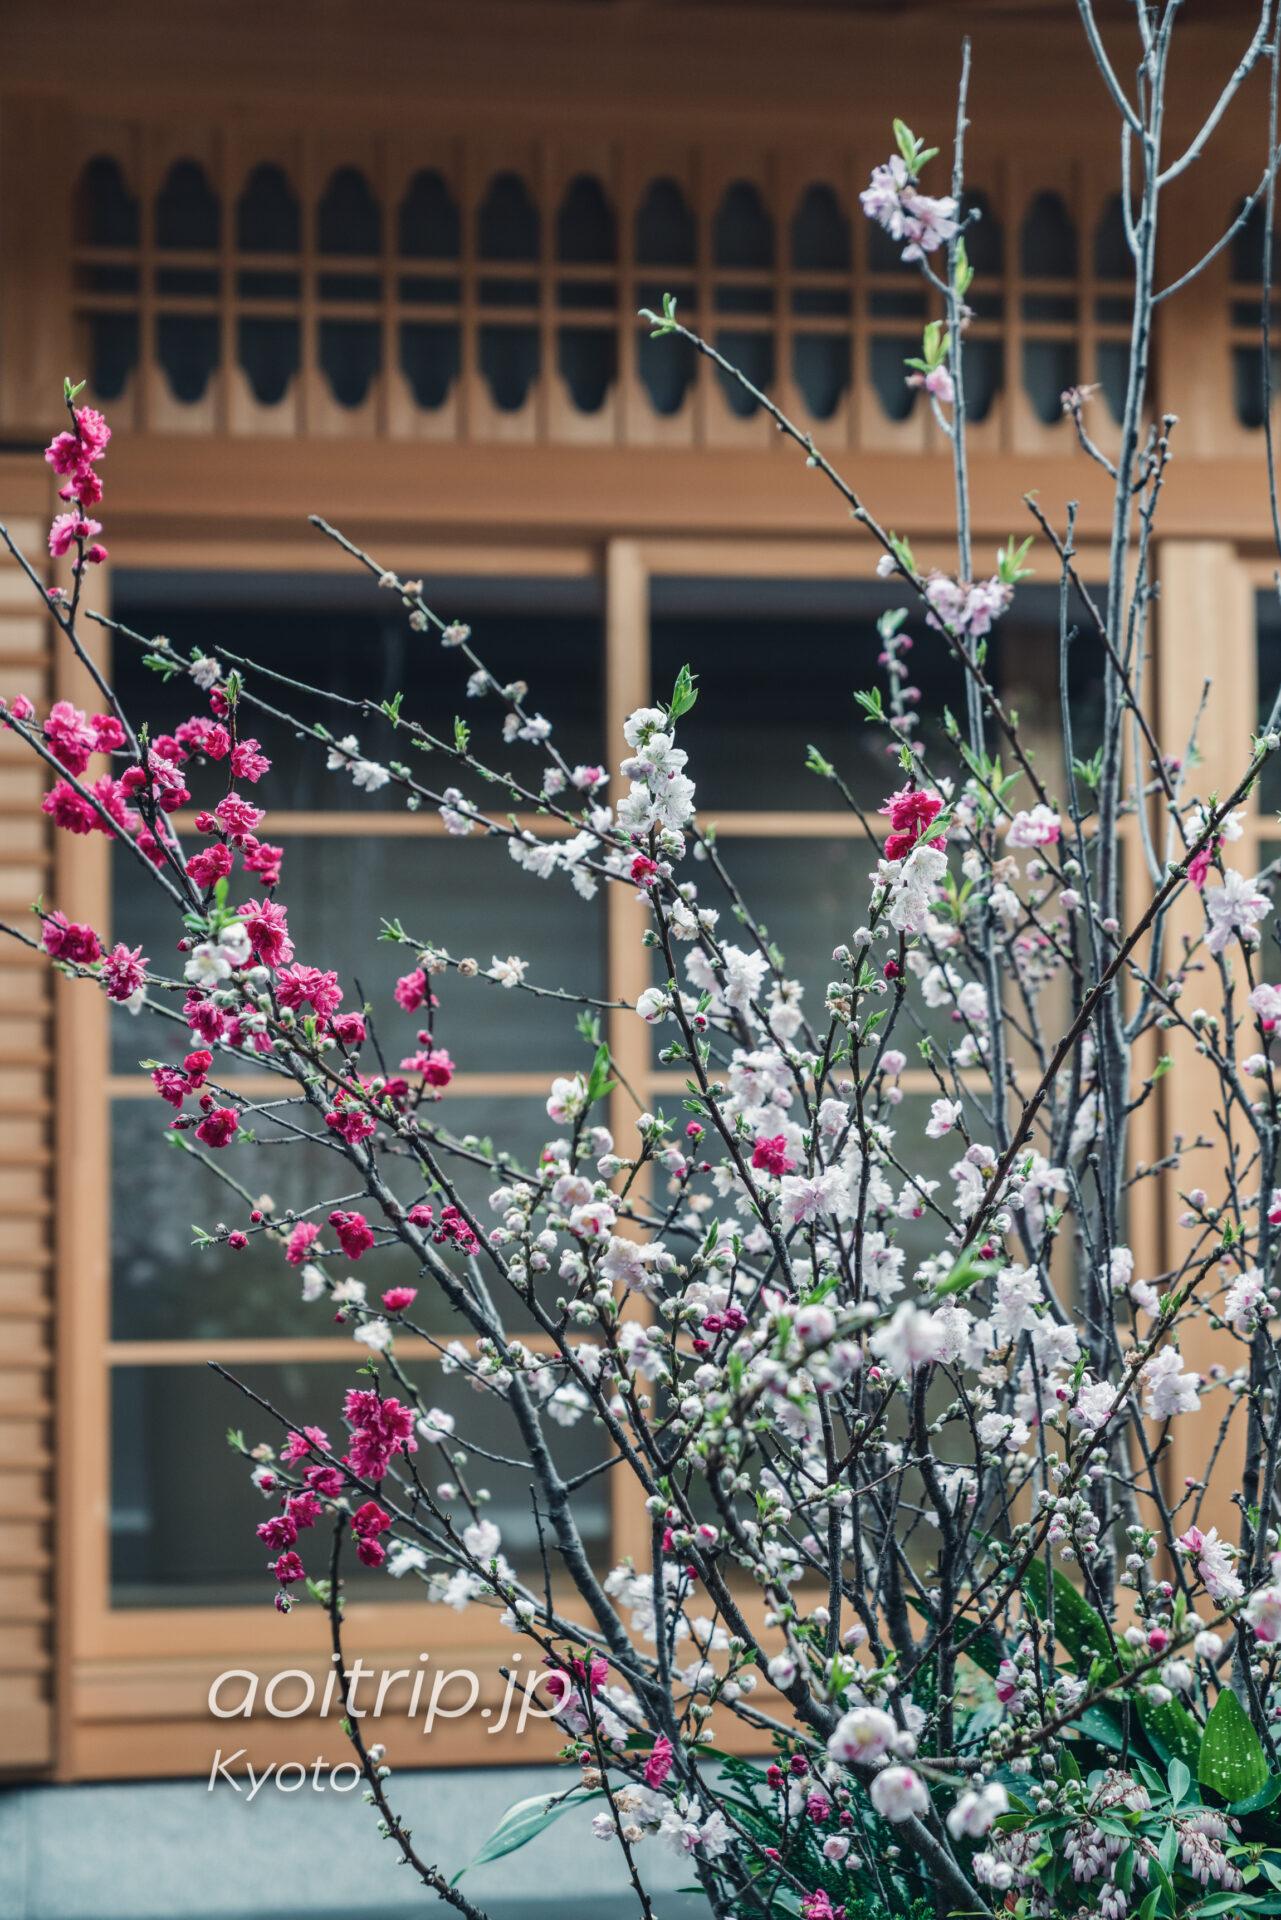 ホテルザ三井京都のアフタヌーンティー、テラス席